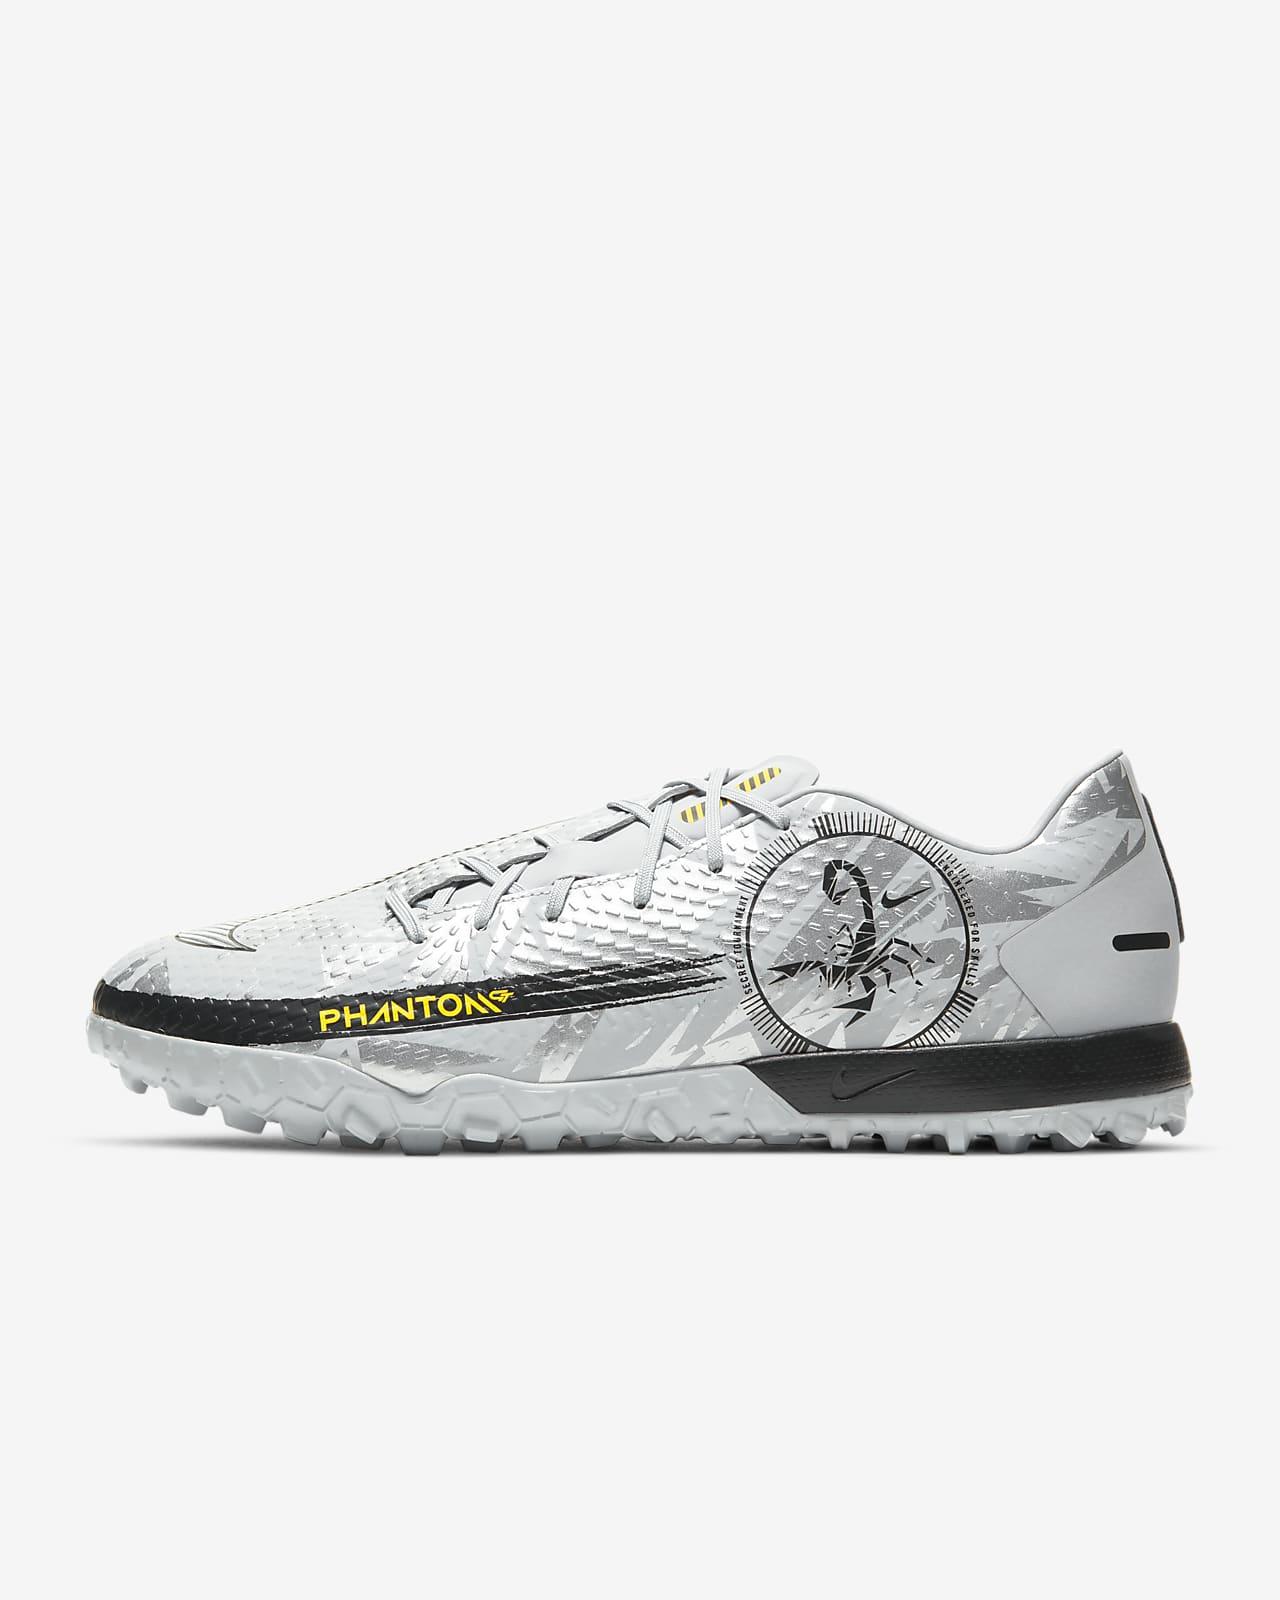 Nike Phantom Scorpion Academy Dynamic Fit TF 人工短草草皮足球鞋